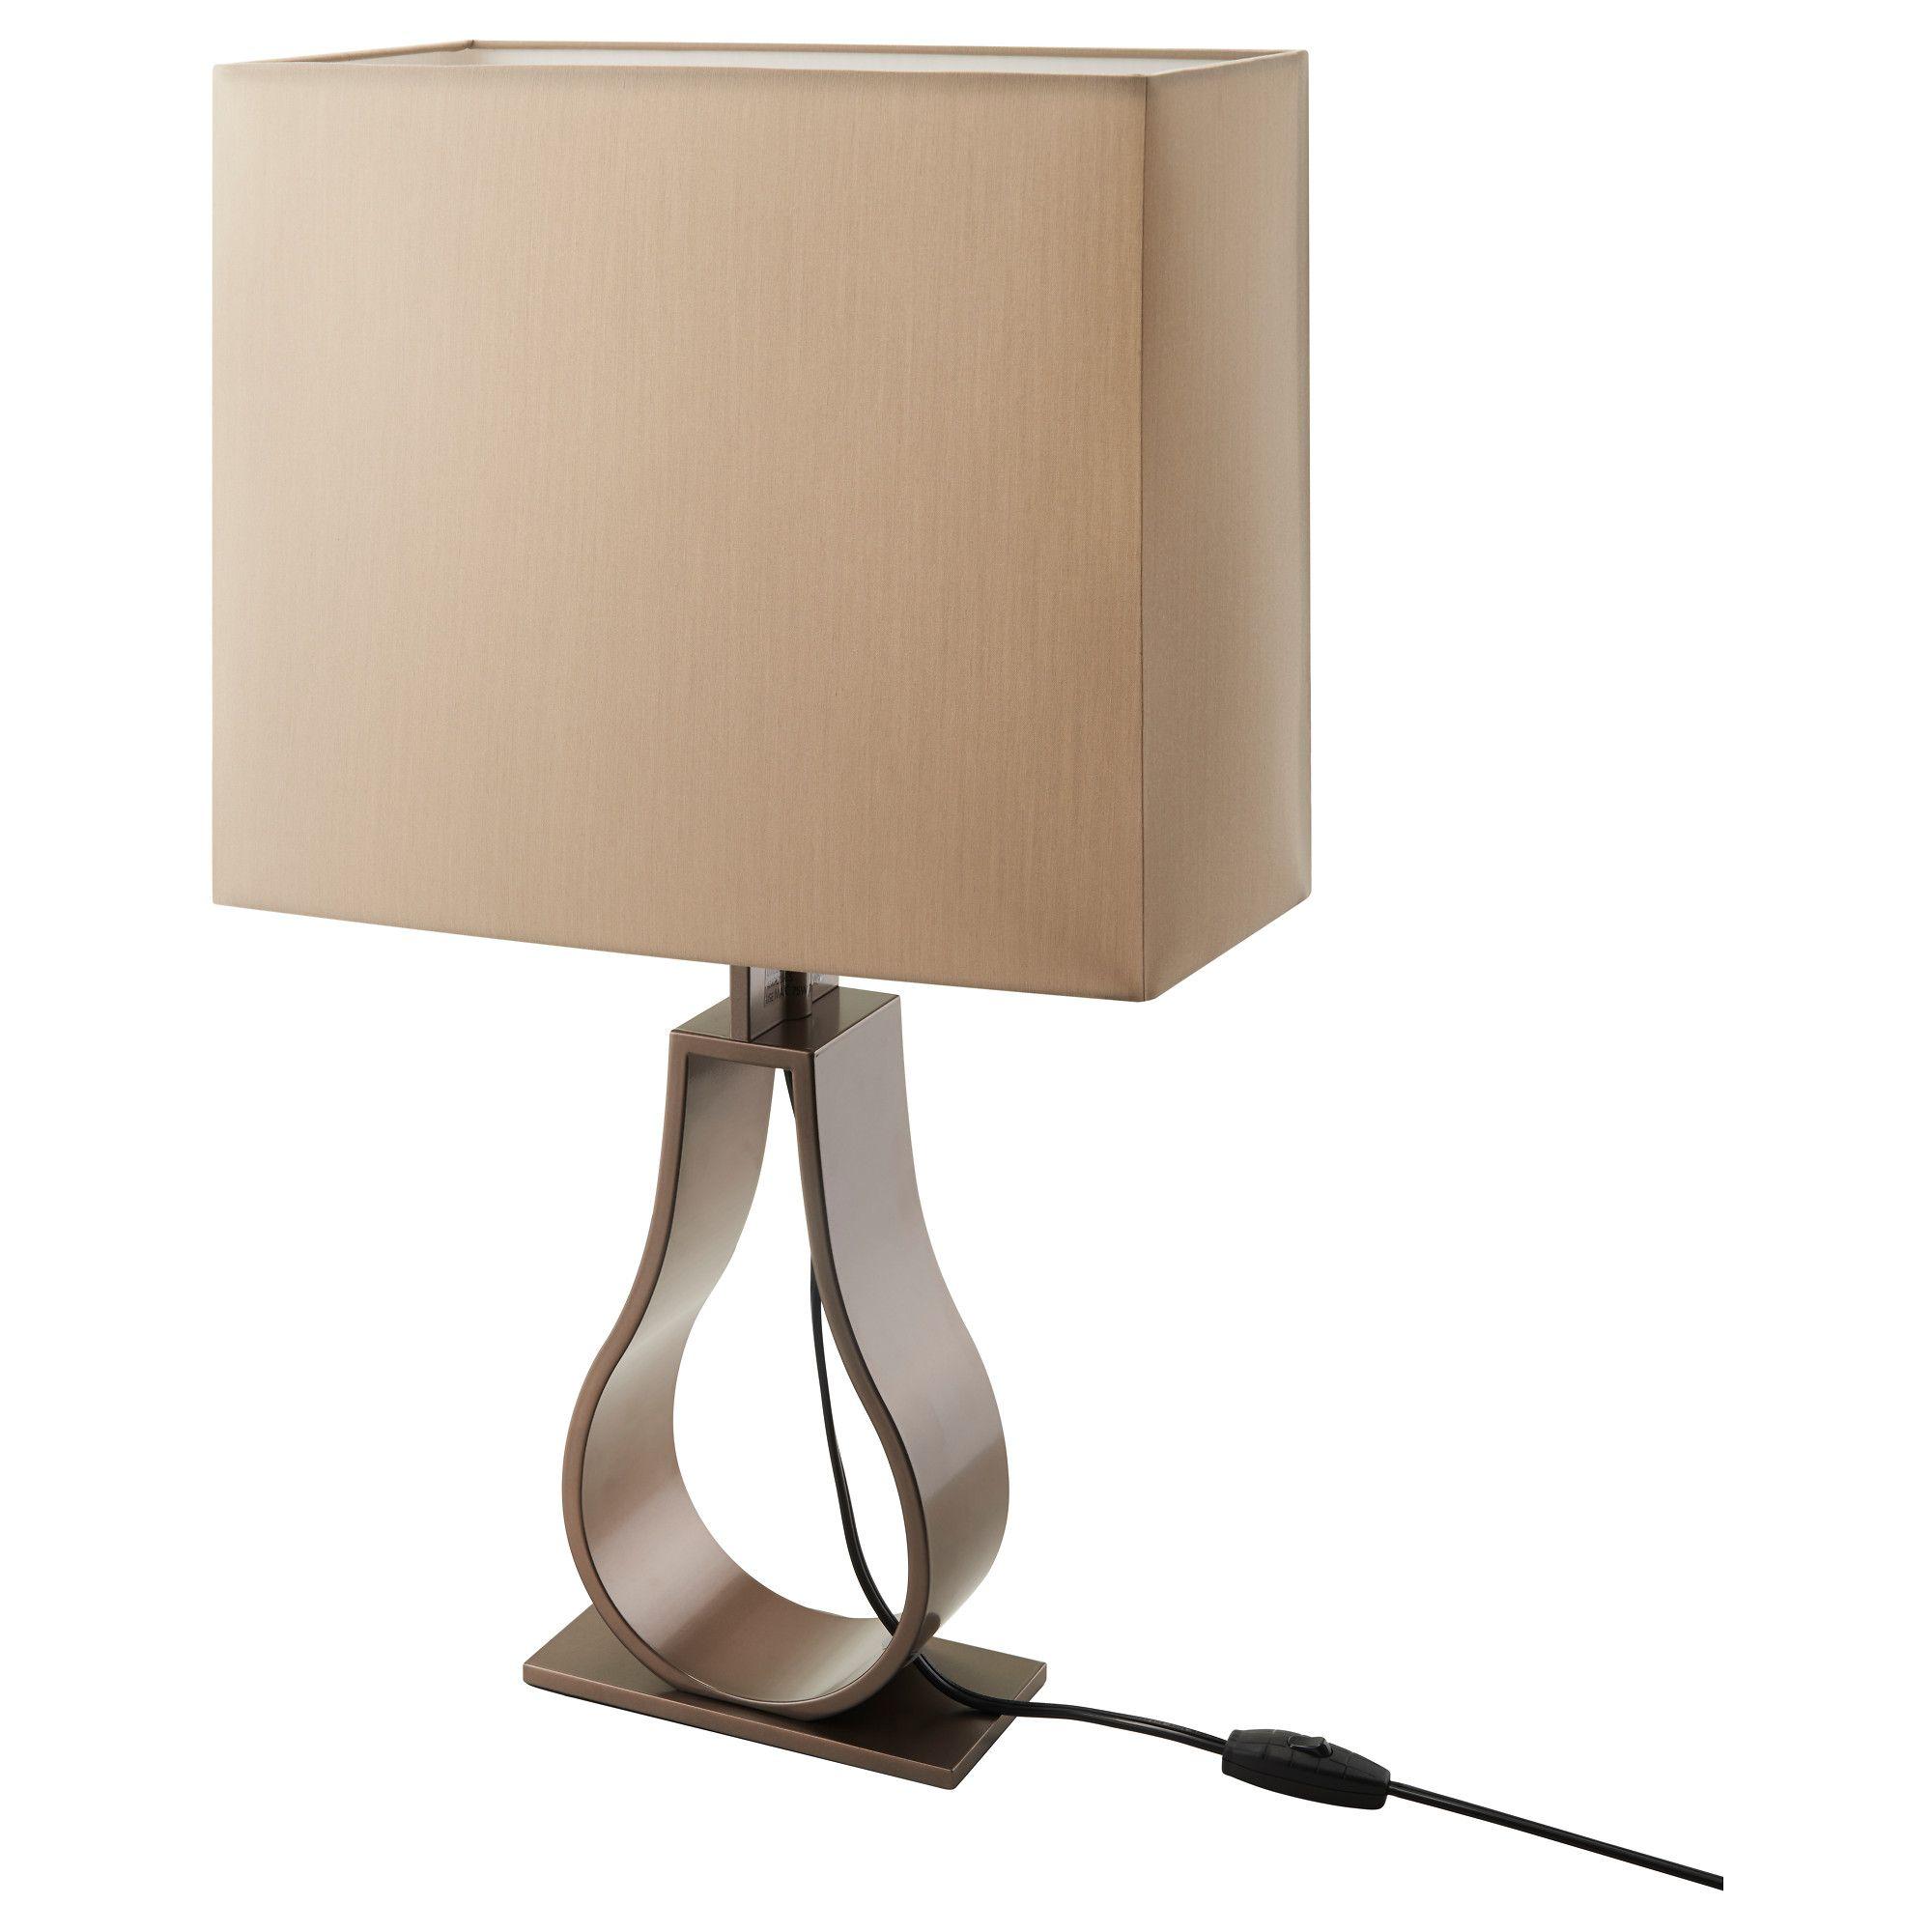 Moderne Tischleuchte Die Richtige Entscheidung Es Gibt Viele Lampen Die Von Jeder Art Ausfuhren Was Auch I Lampen Wohnzimmer Lampentisch Moderne Tischlampen